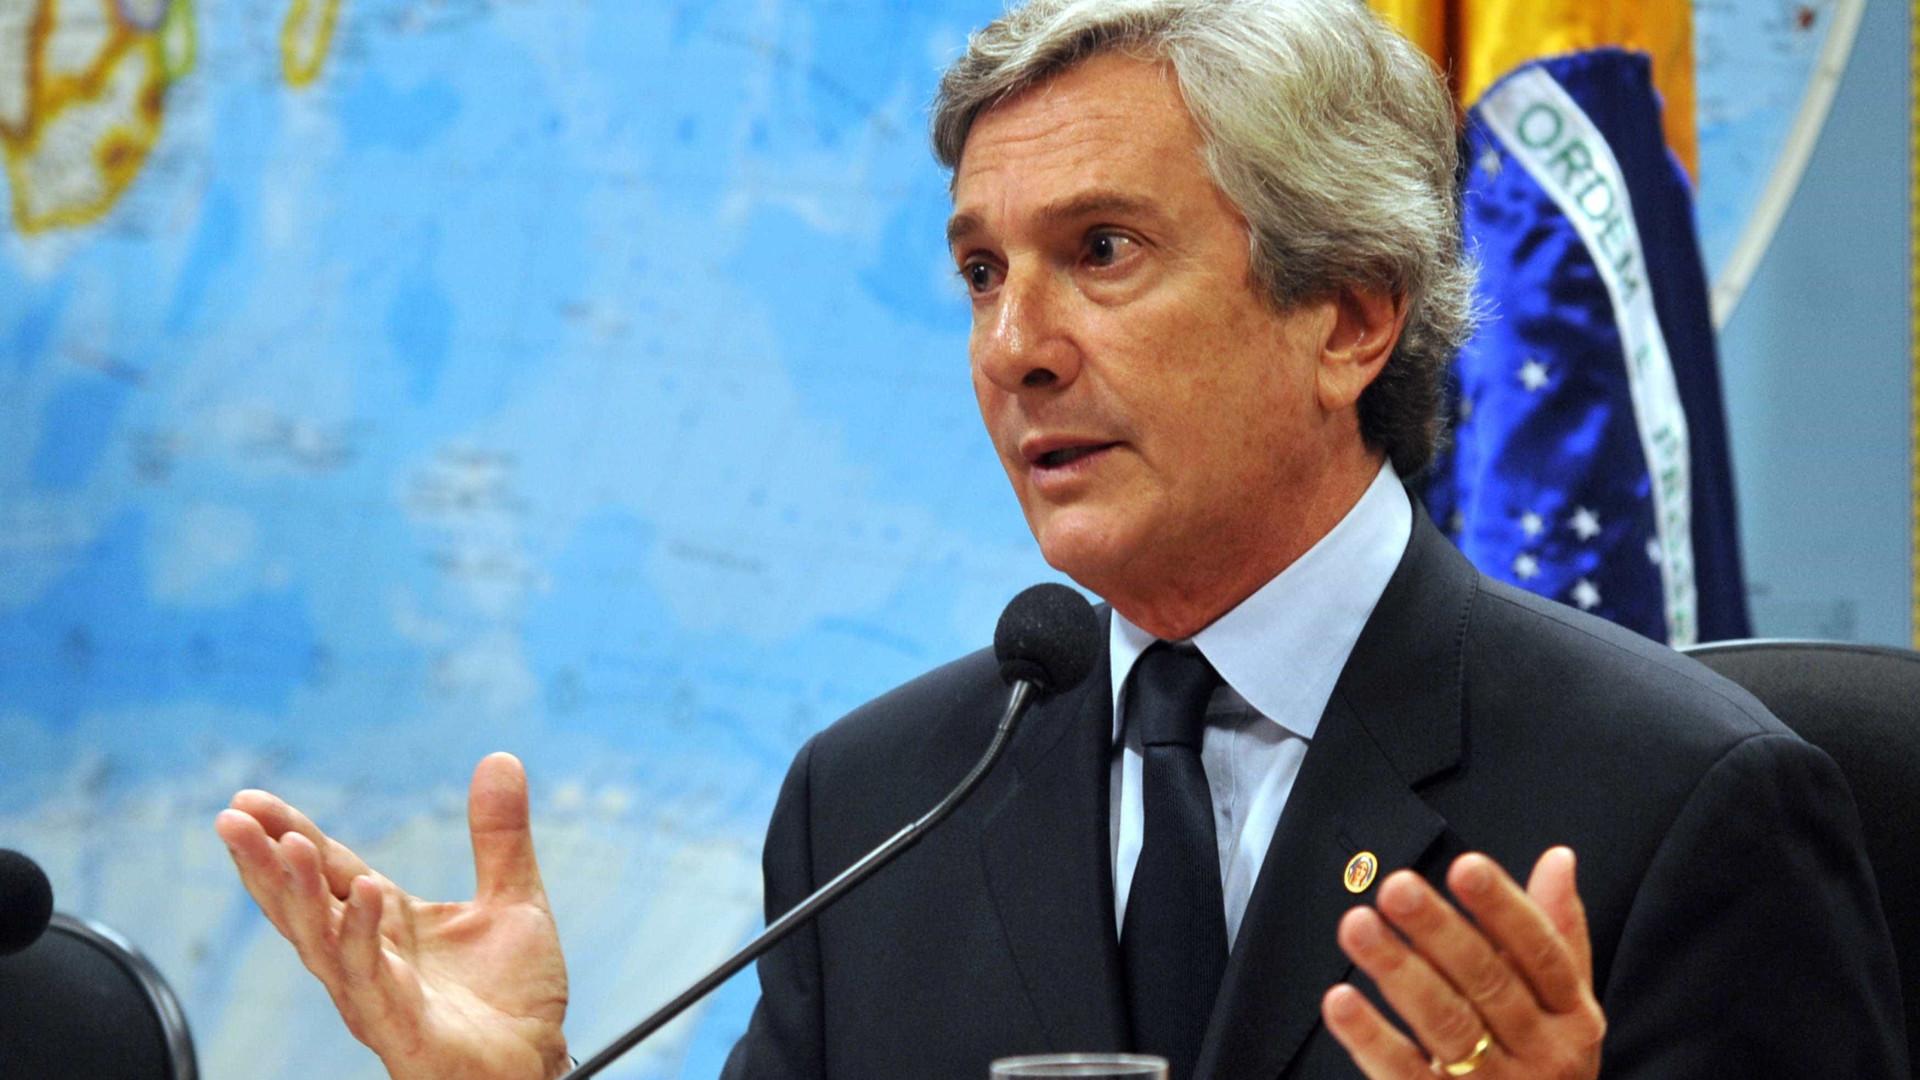 Mulher de Fernando Collor recebeu propina  da Petrobras, diz delator